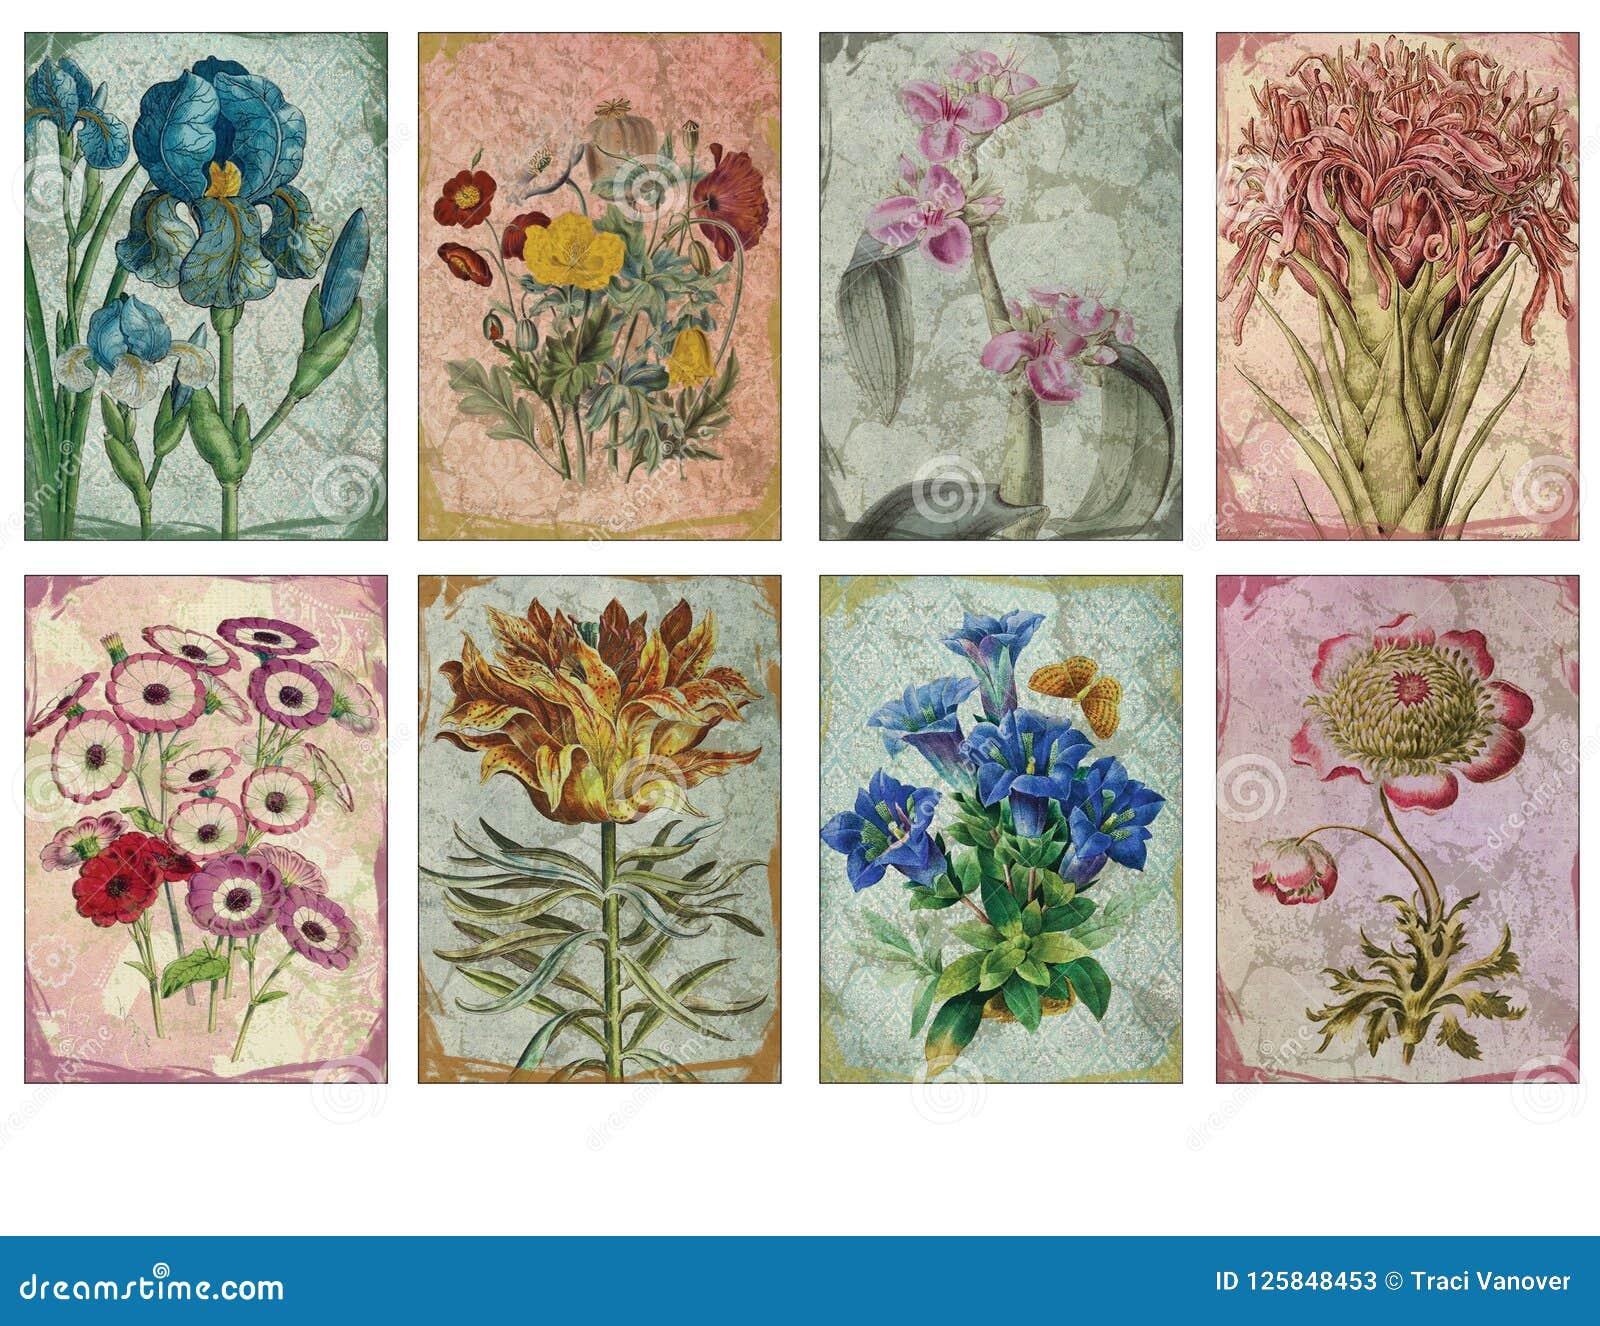 printable tag sheet - vintage floral illustration artist trading